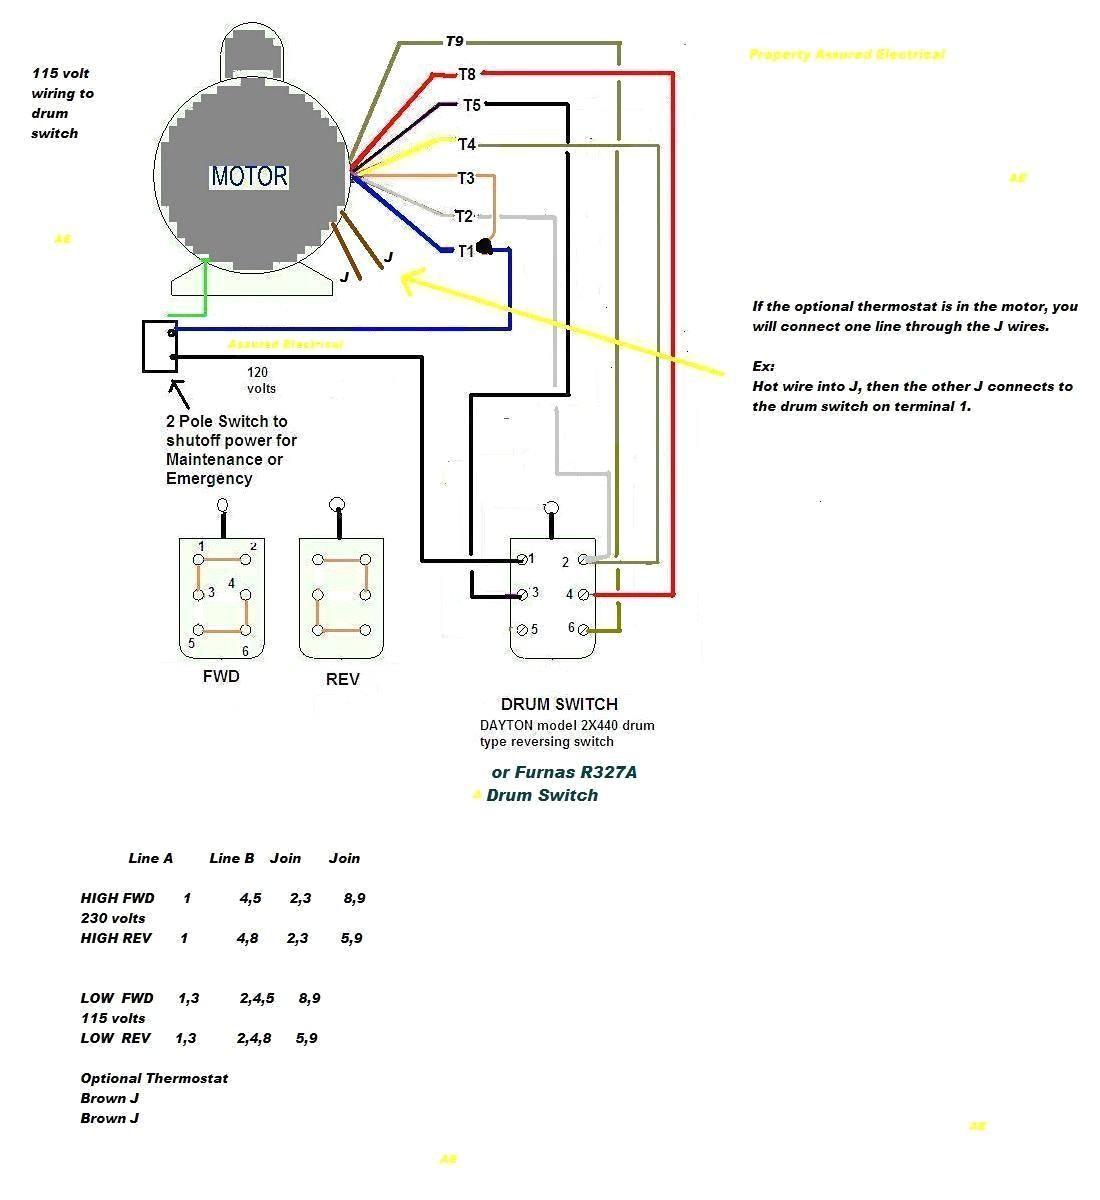 Weg Electric Motor Wiring Diagram - Free Wiring Diagram | Basketball Wiring Diagram Motor |  | Free Wiring Diagram